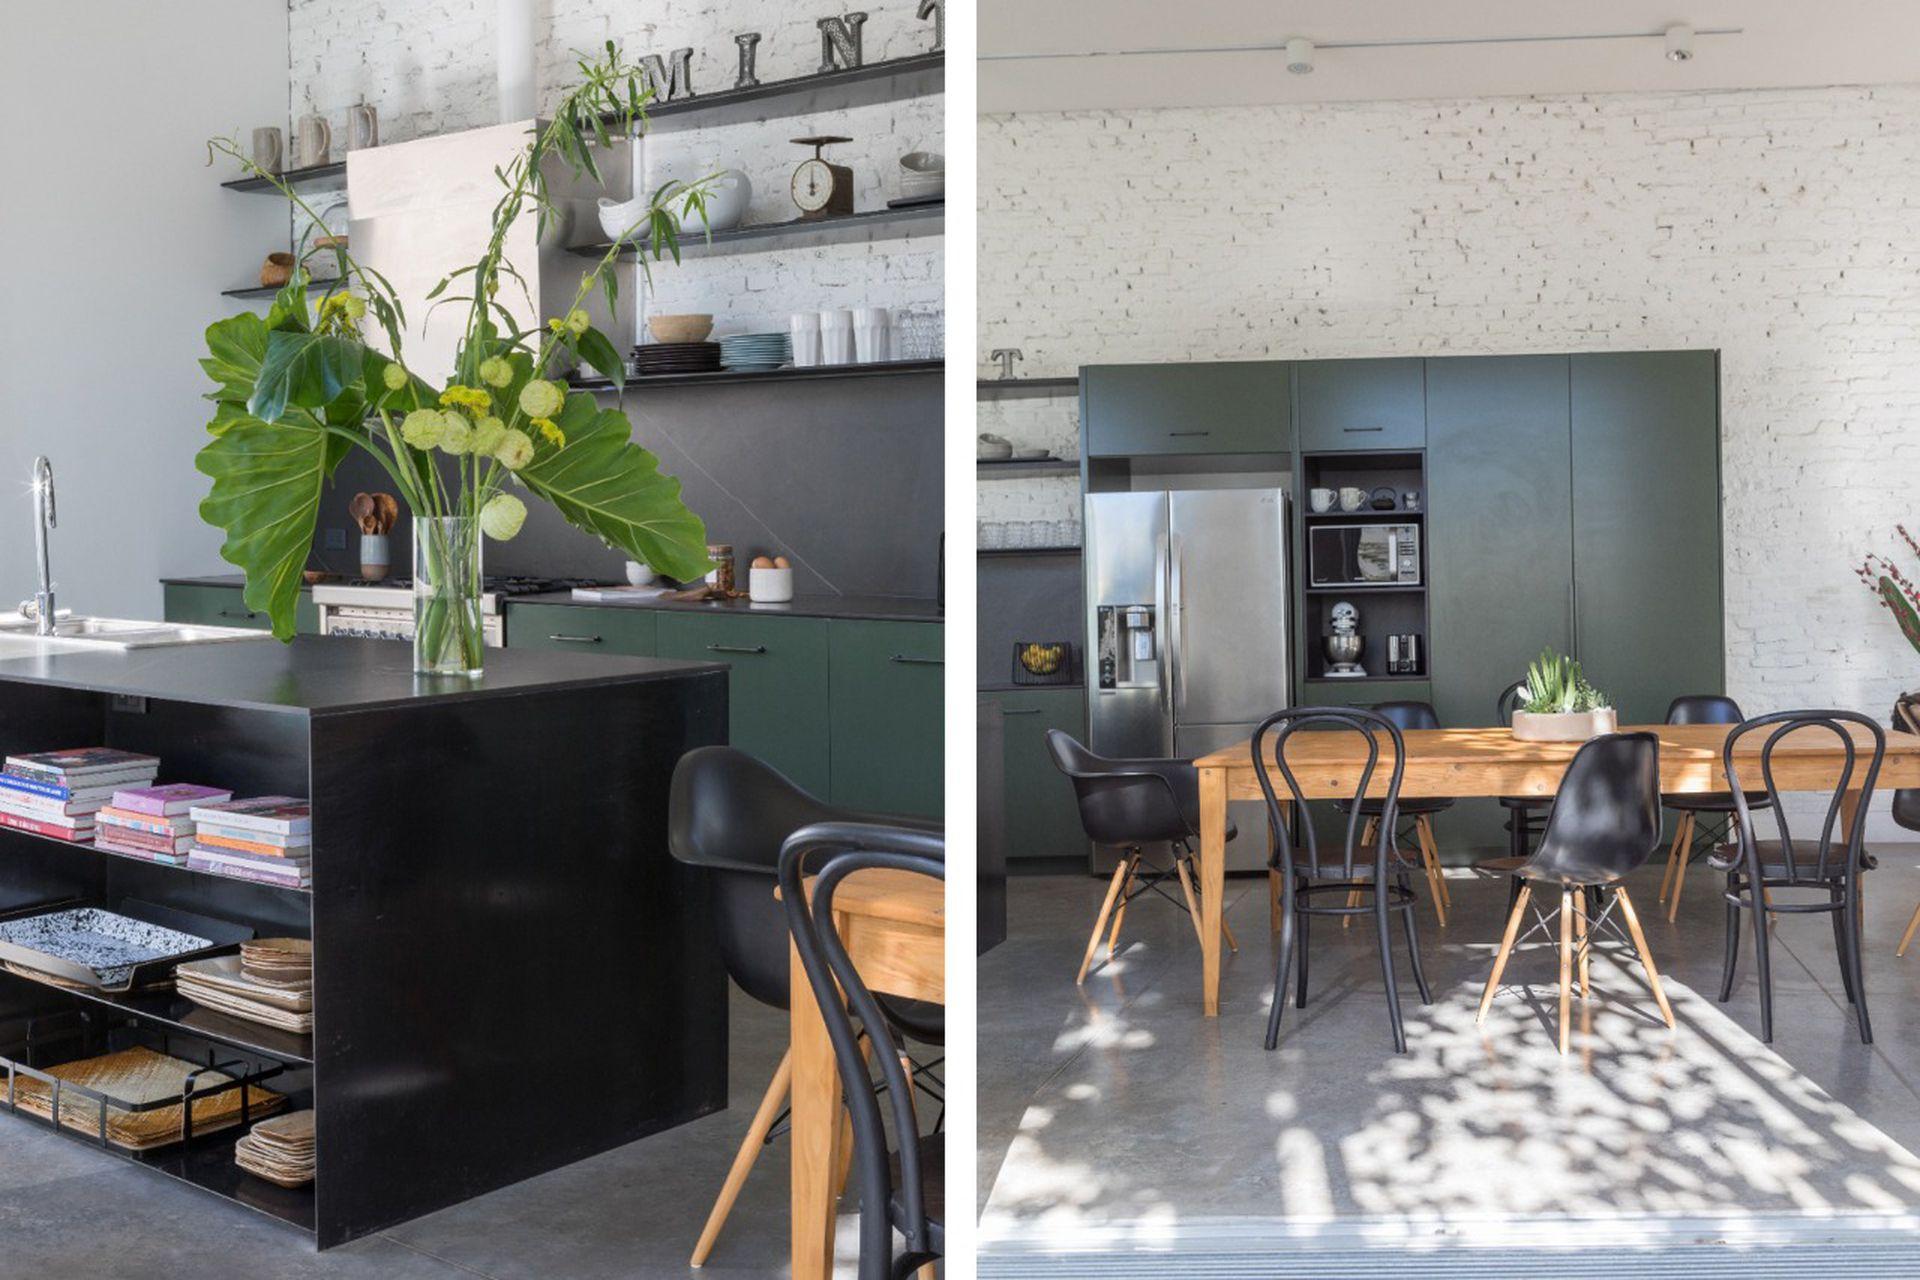 El extremo de la isla tiene estantes para tener a mano libros de cocina, individuales y tablas de madera. Mesa de comedor (Net Muebles) con sillas Thonet restauradas. Centro de mesa de suculentas (Fête).